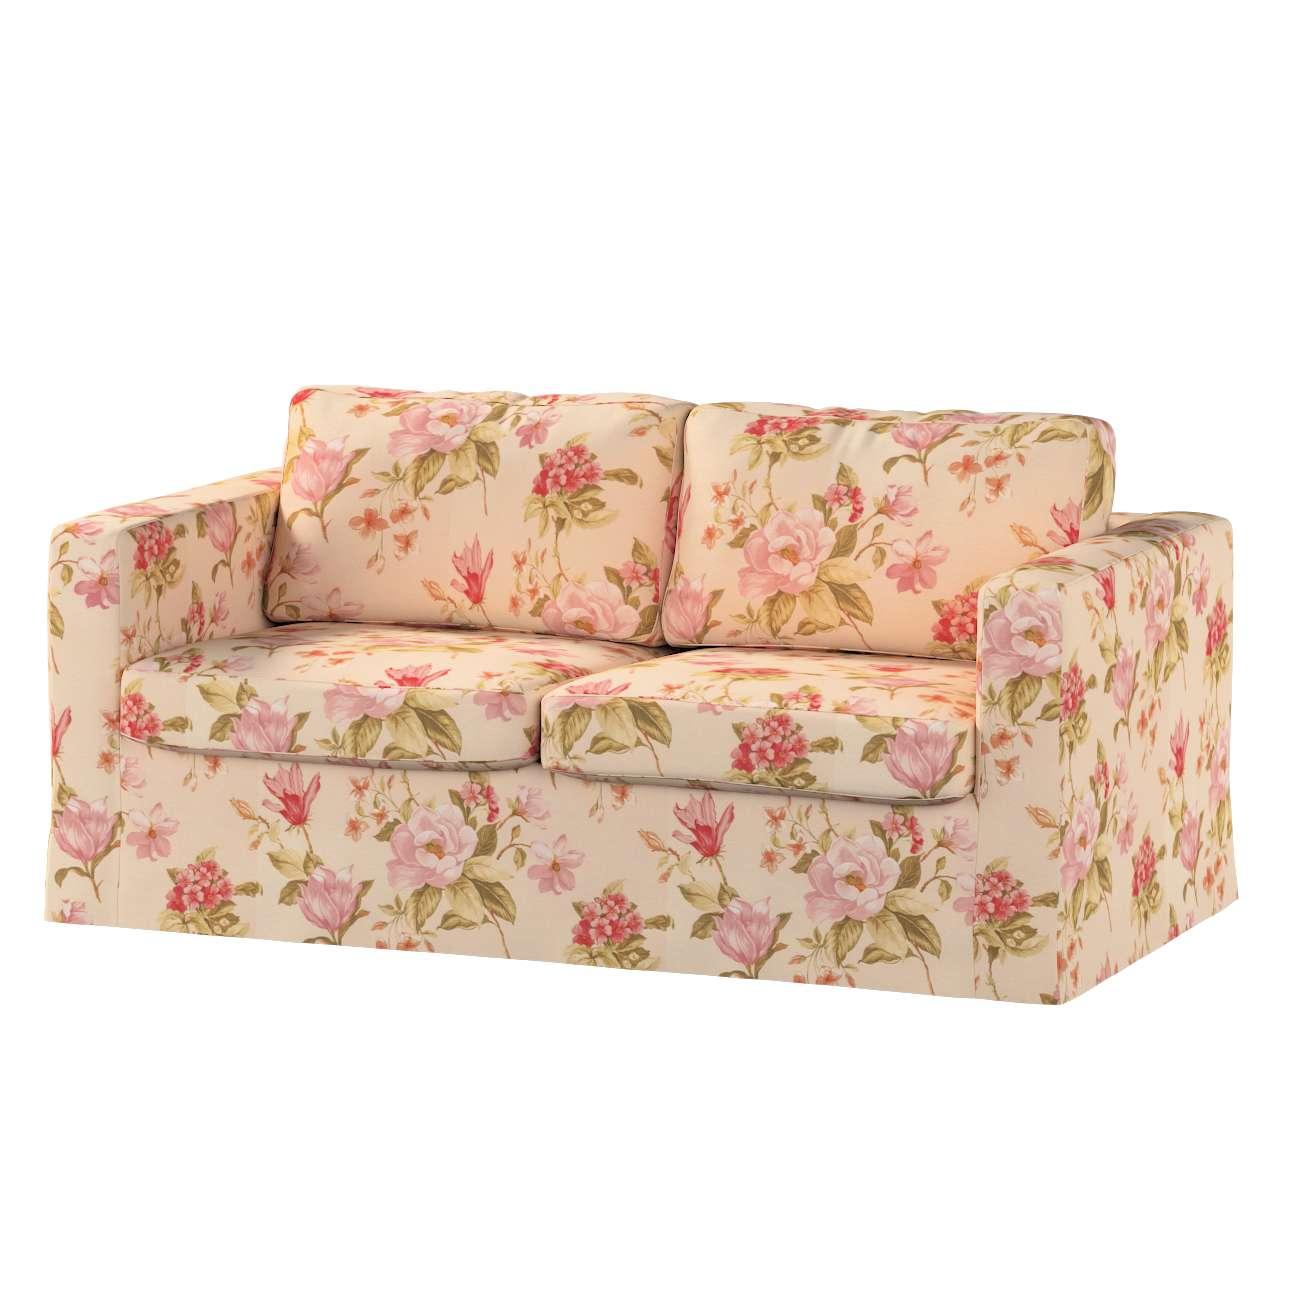 Karlstad 2-Sitzer Sofabezug nicht ausklappbar lang Sofahusse, Karlstad 2-Sitzer von der Kollektion Londres, Stoff: 123-05